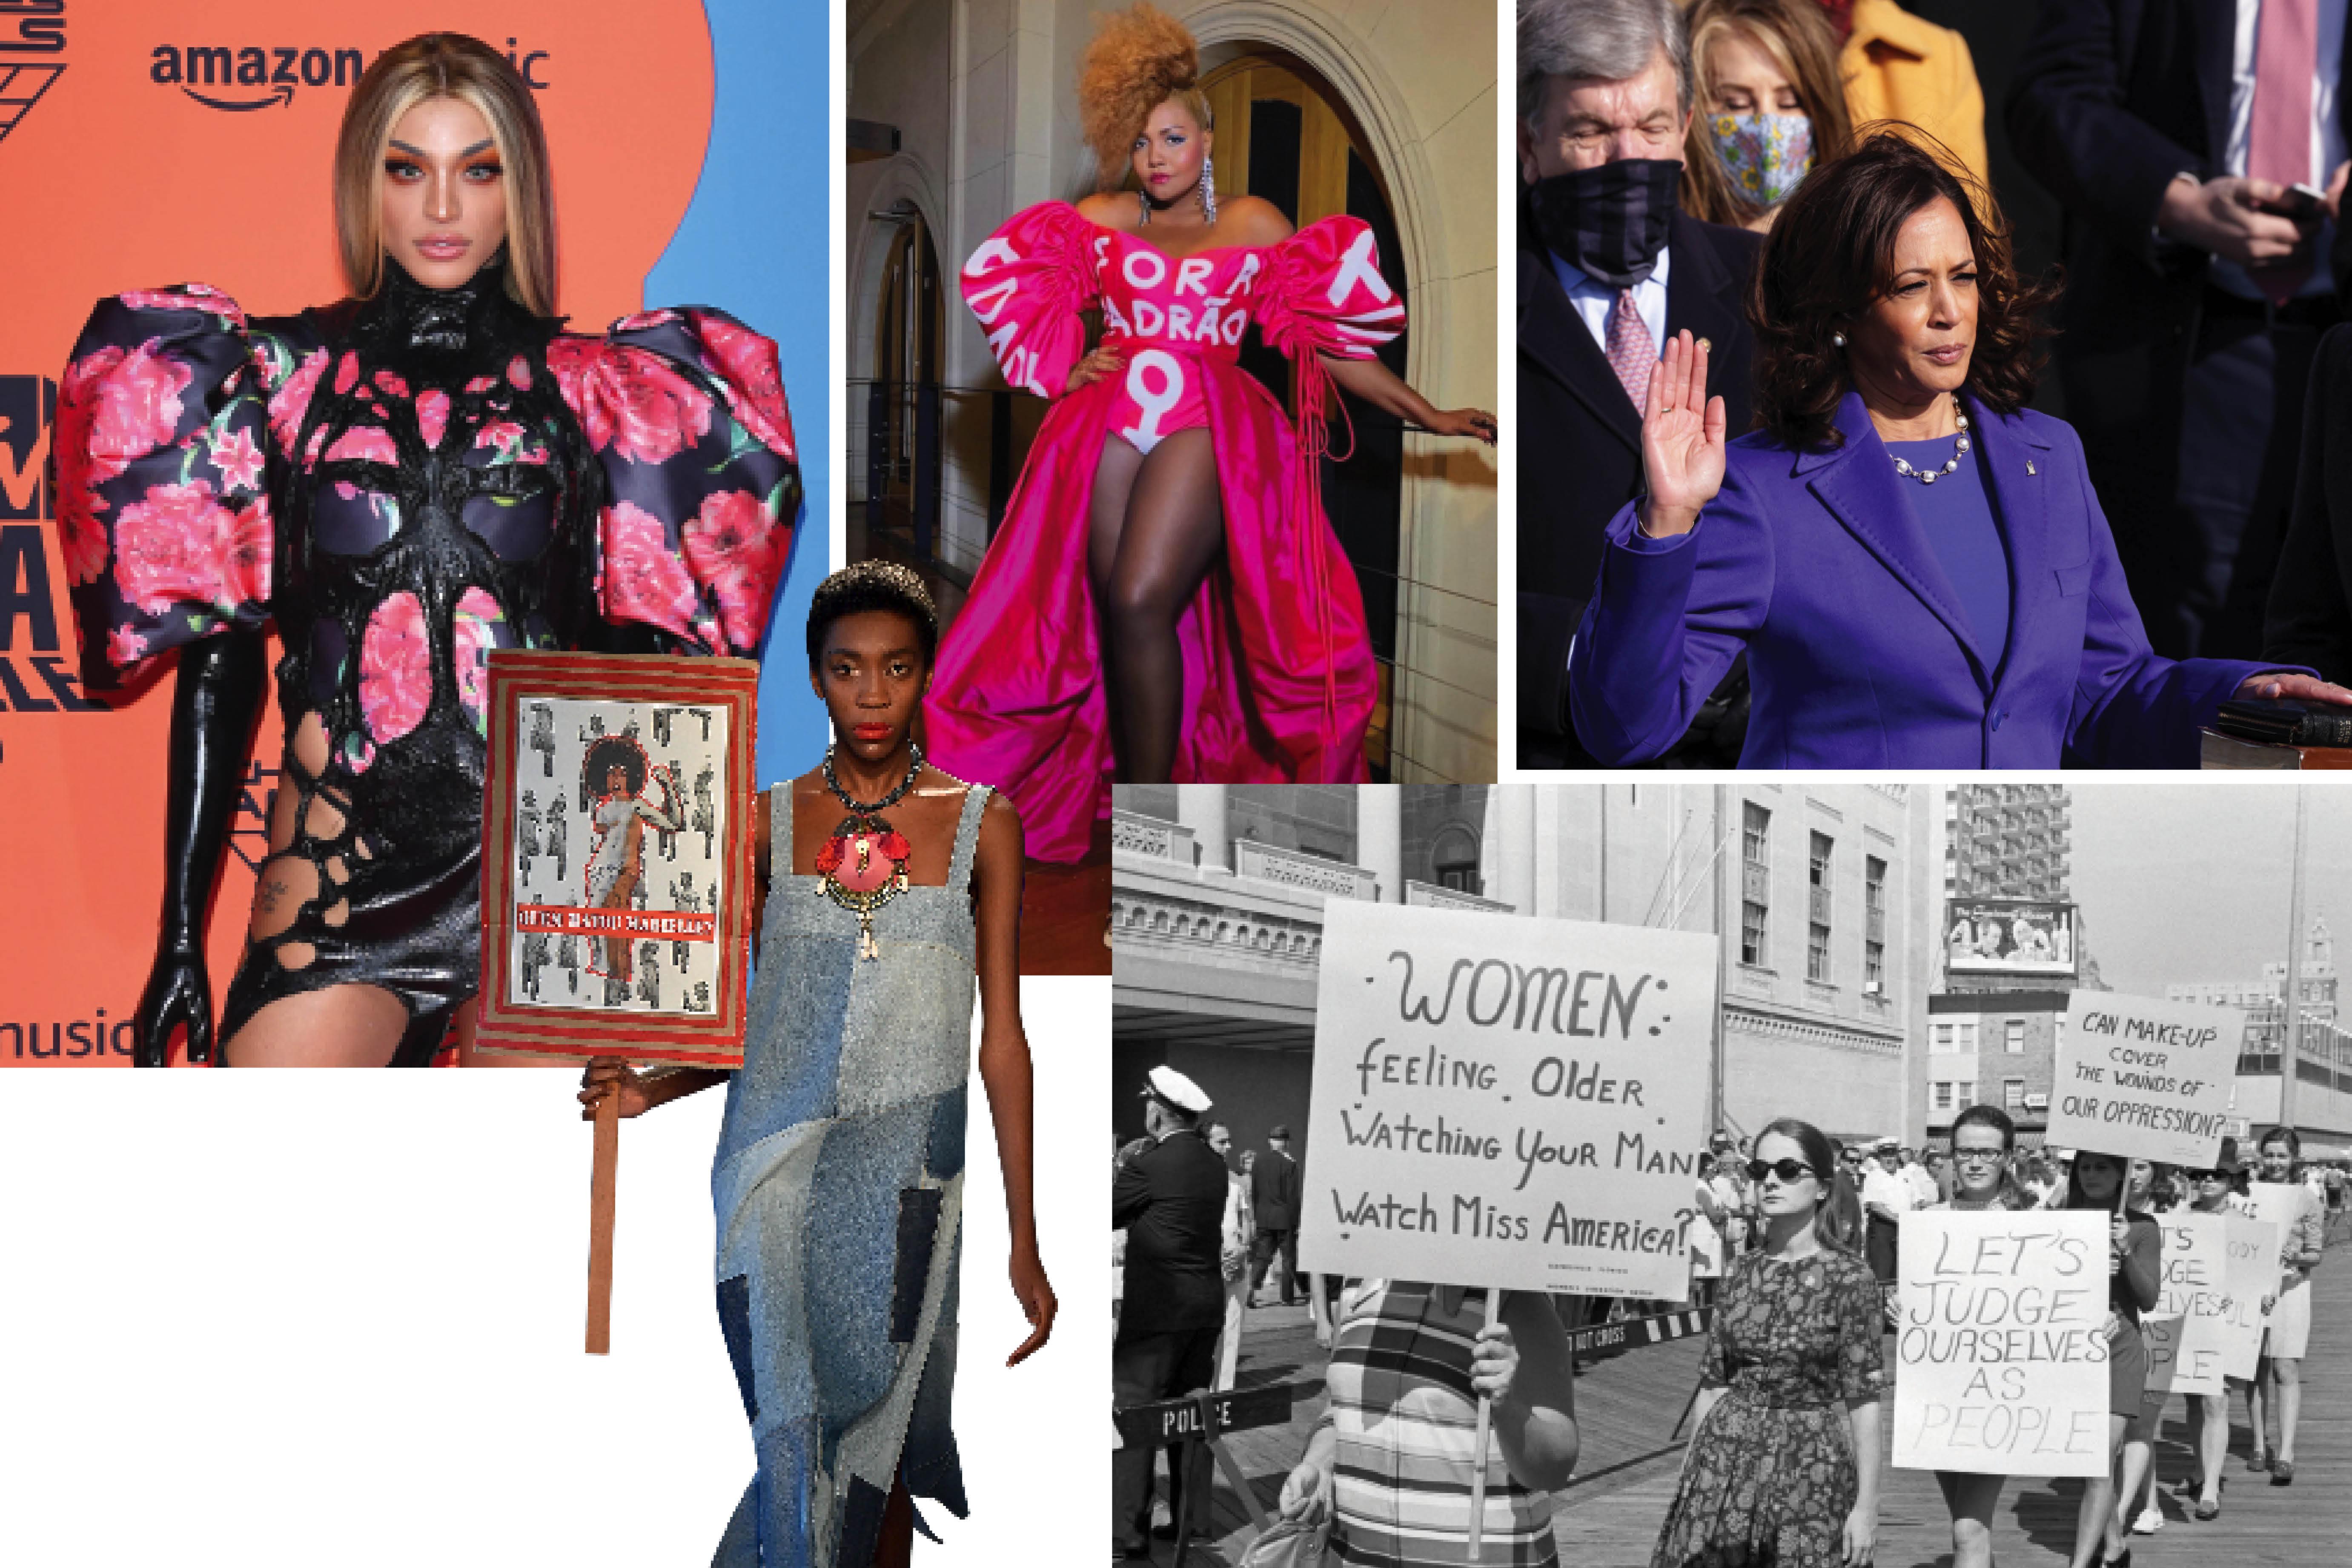 pessoas usando roupas com mensagens políticas